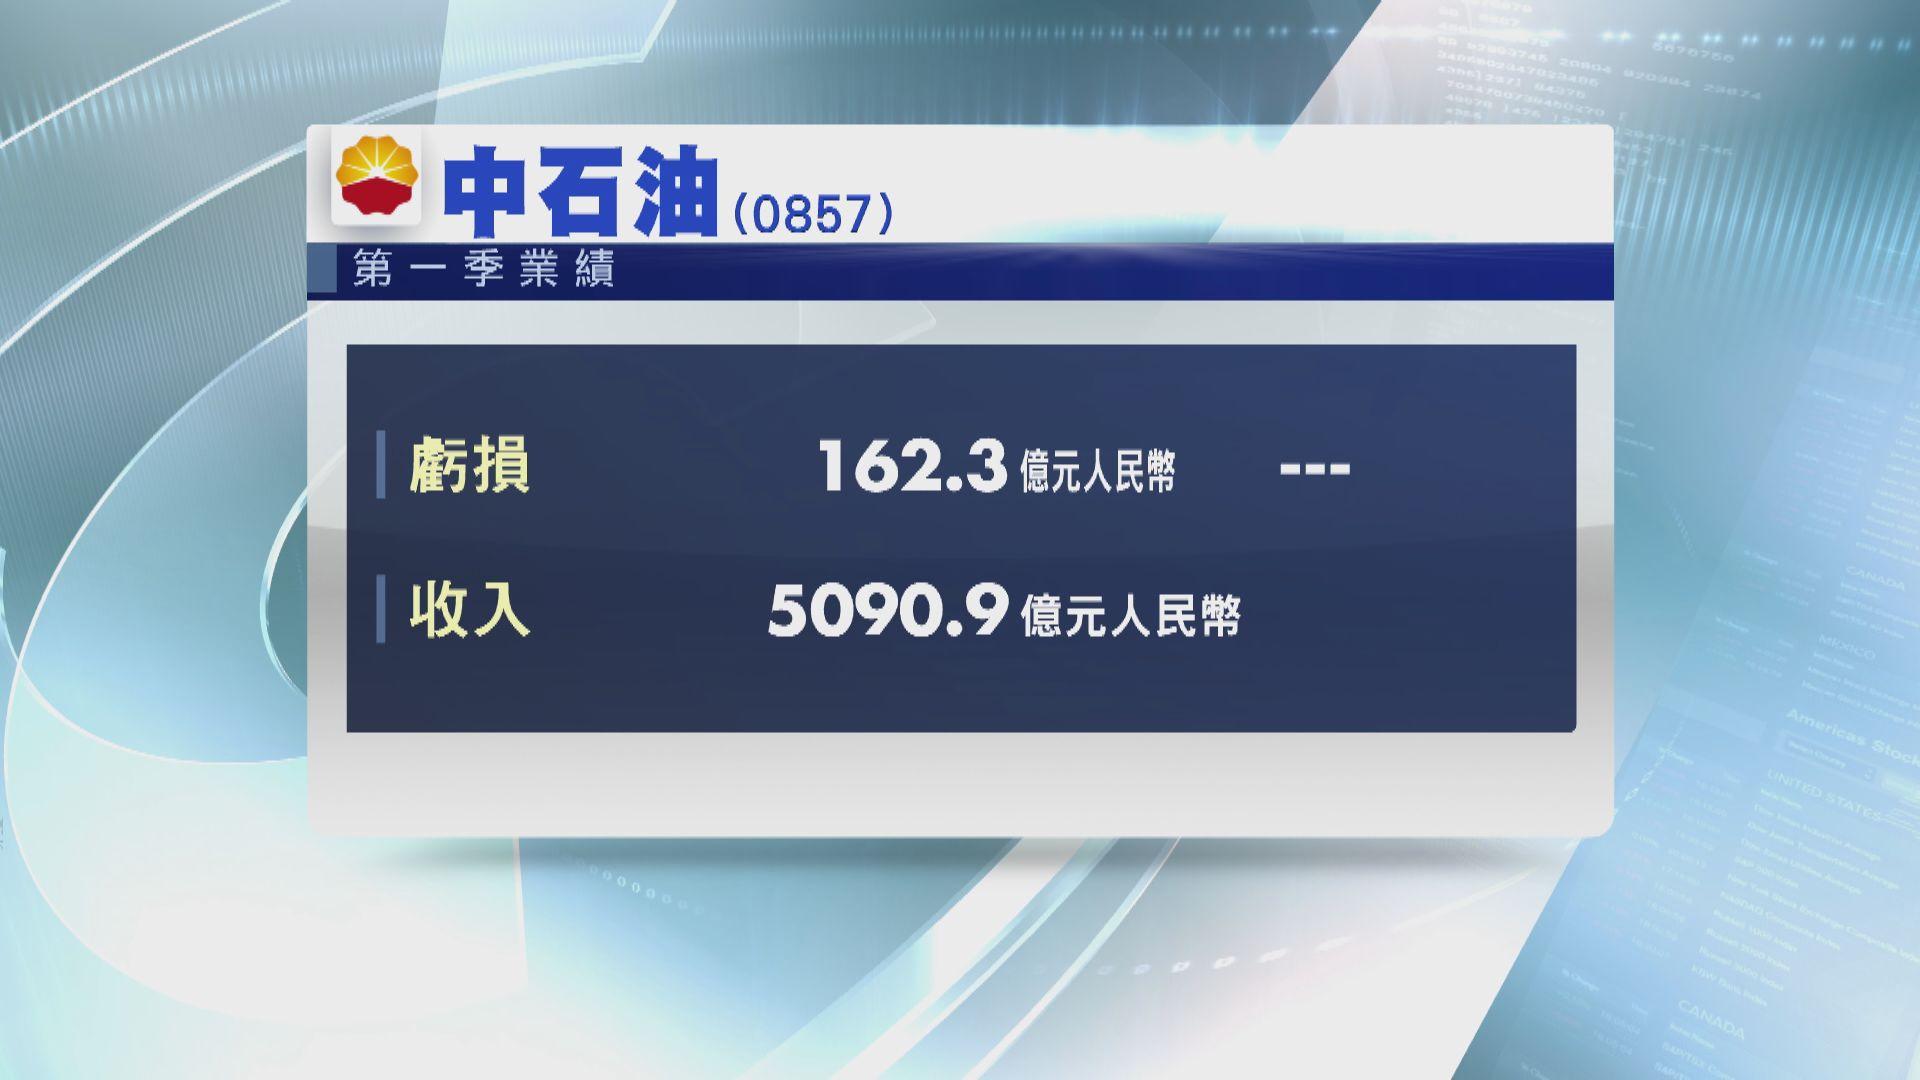 【業績速報】中石油首季盈轉虧